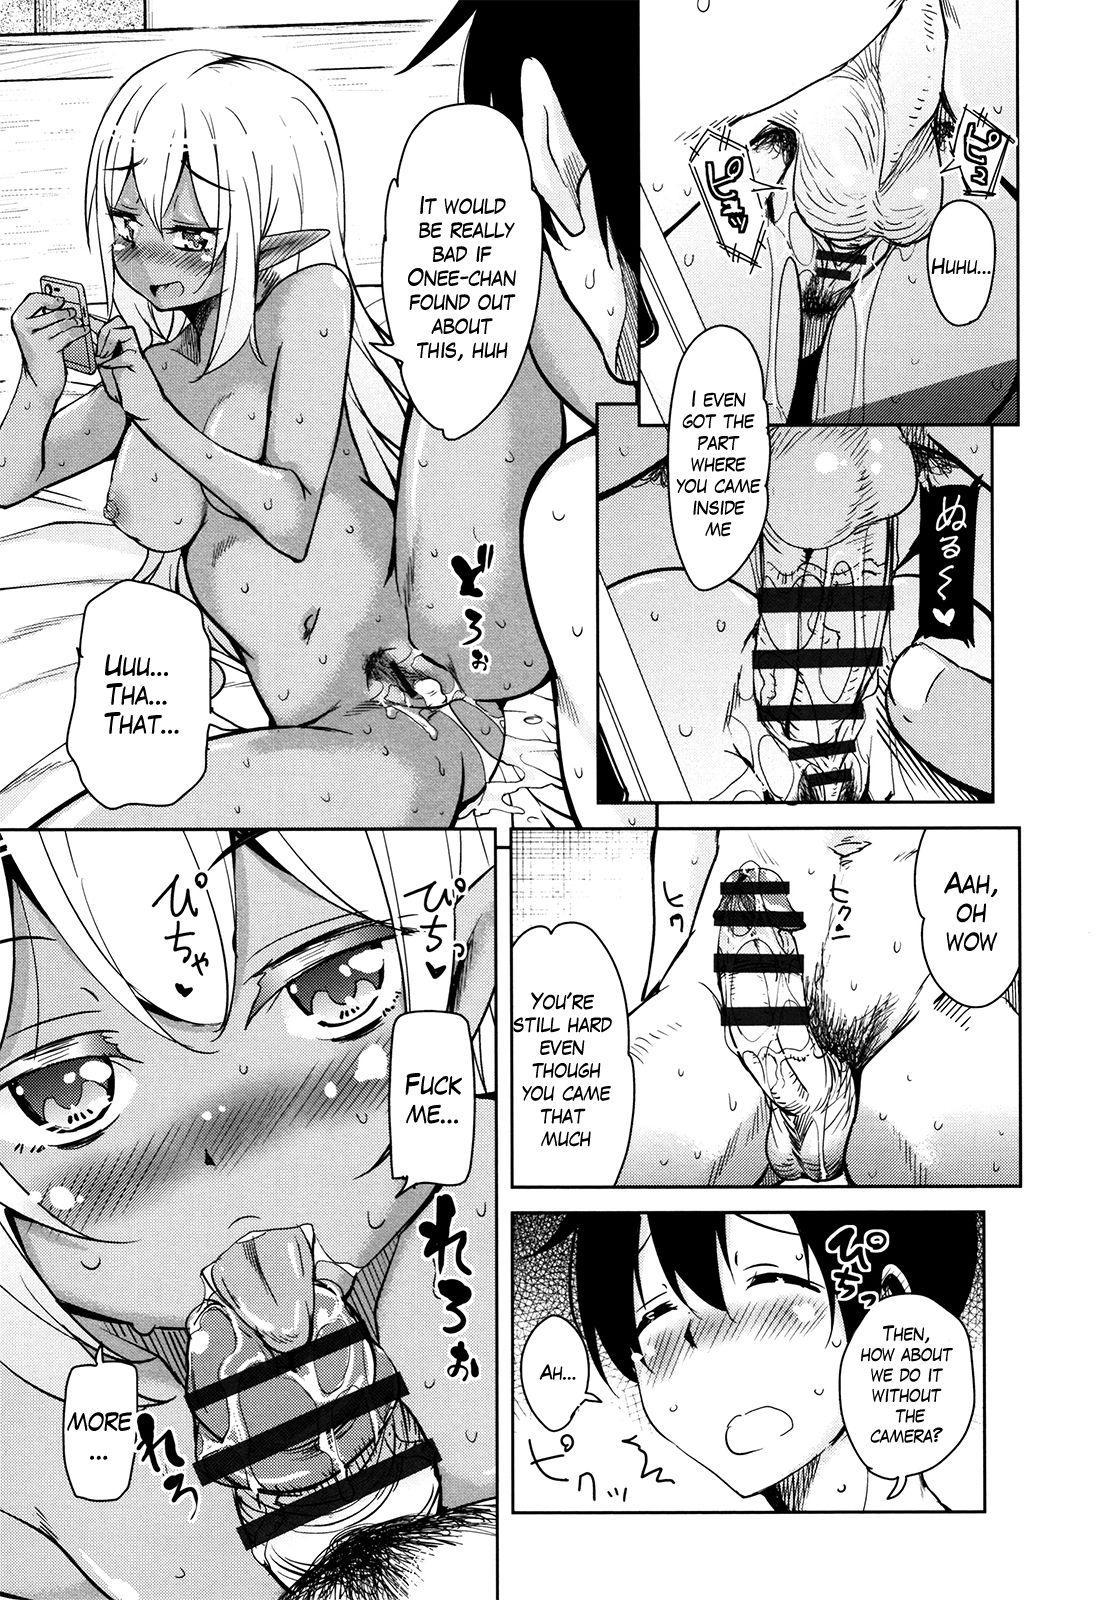 [Narusawa Kei] Tonari no JK Elf-san Ch. 1-2 [English][Lazarus H] 53